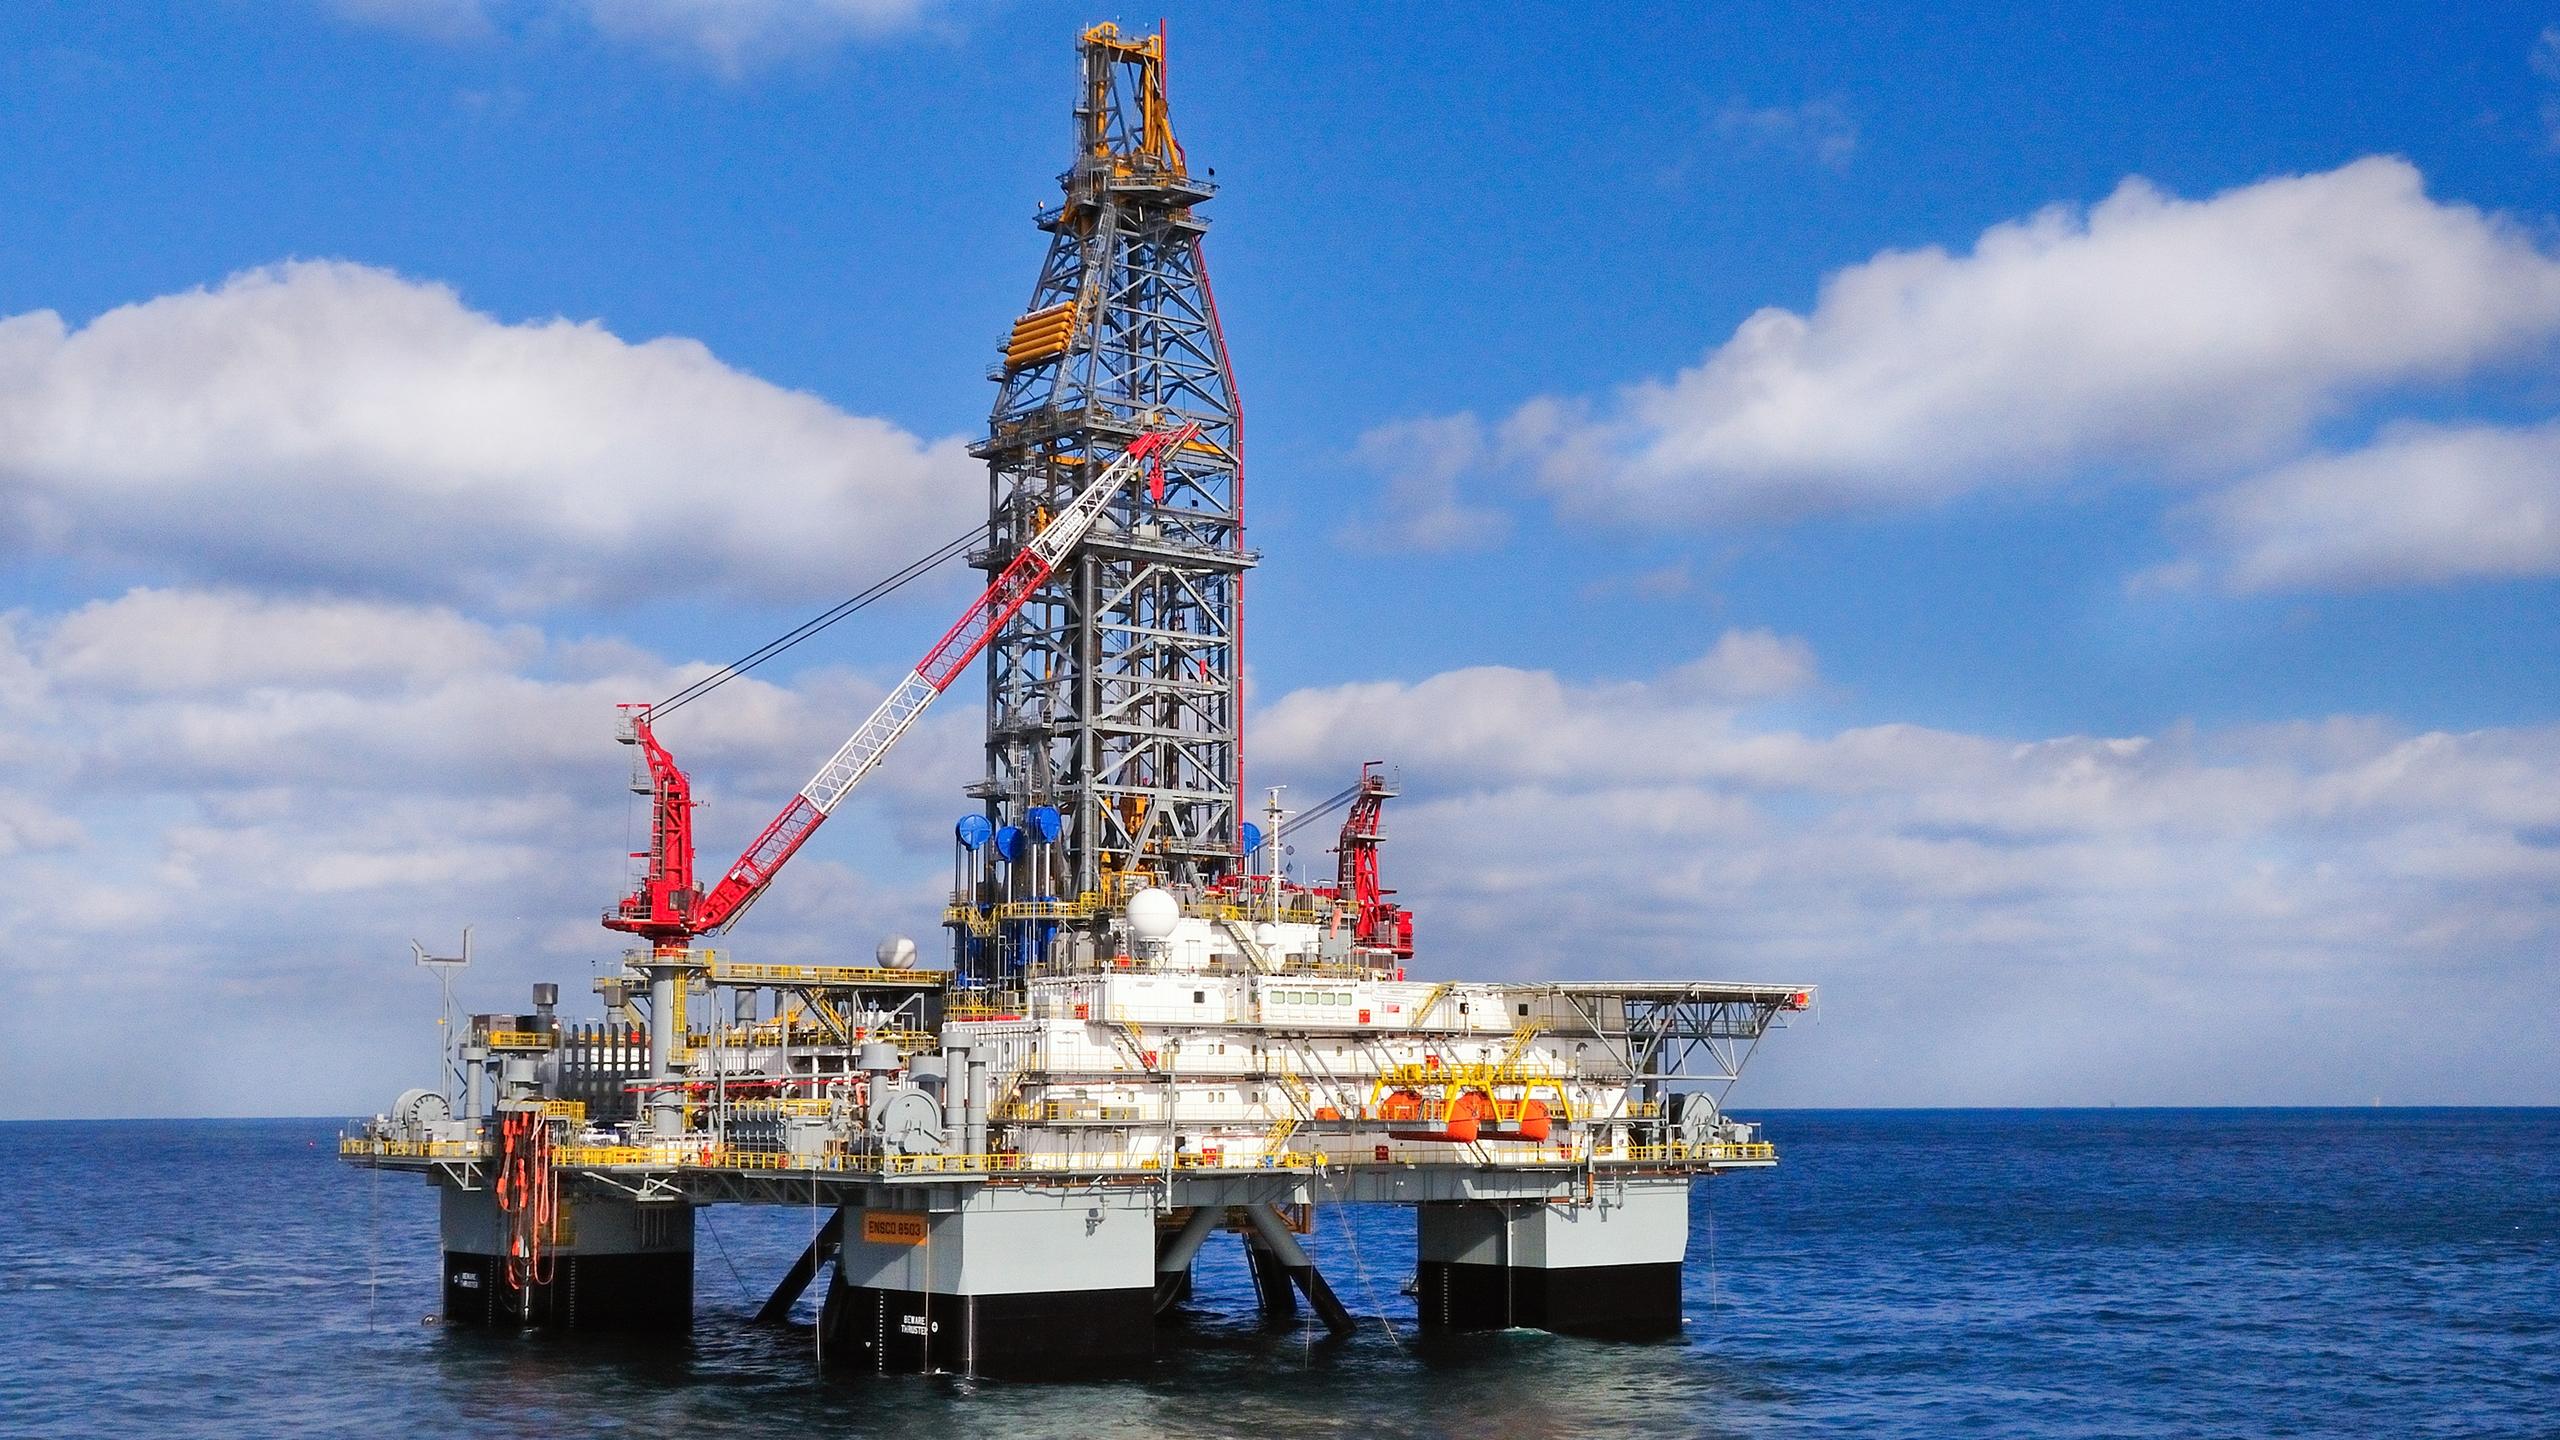 Premier Oil invertirá 20 mdd en exploración de aguas someras